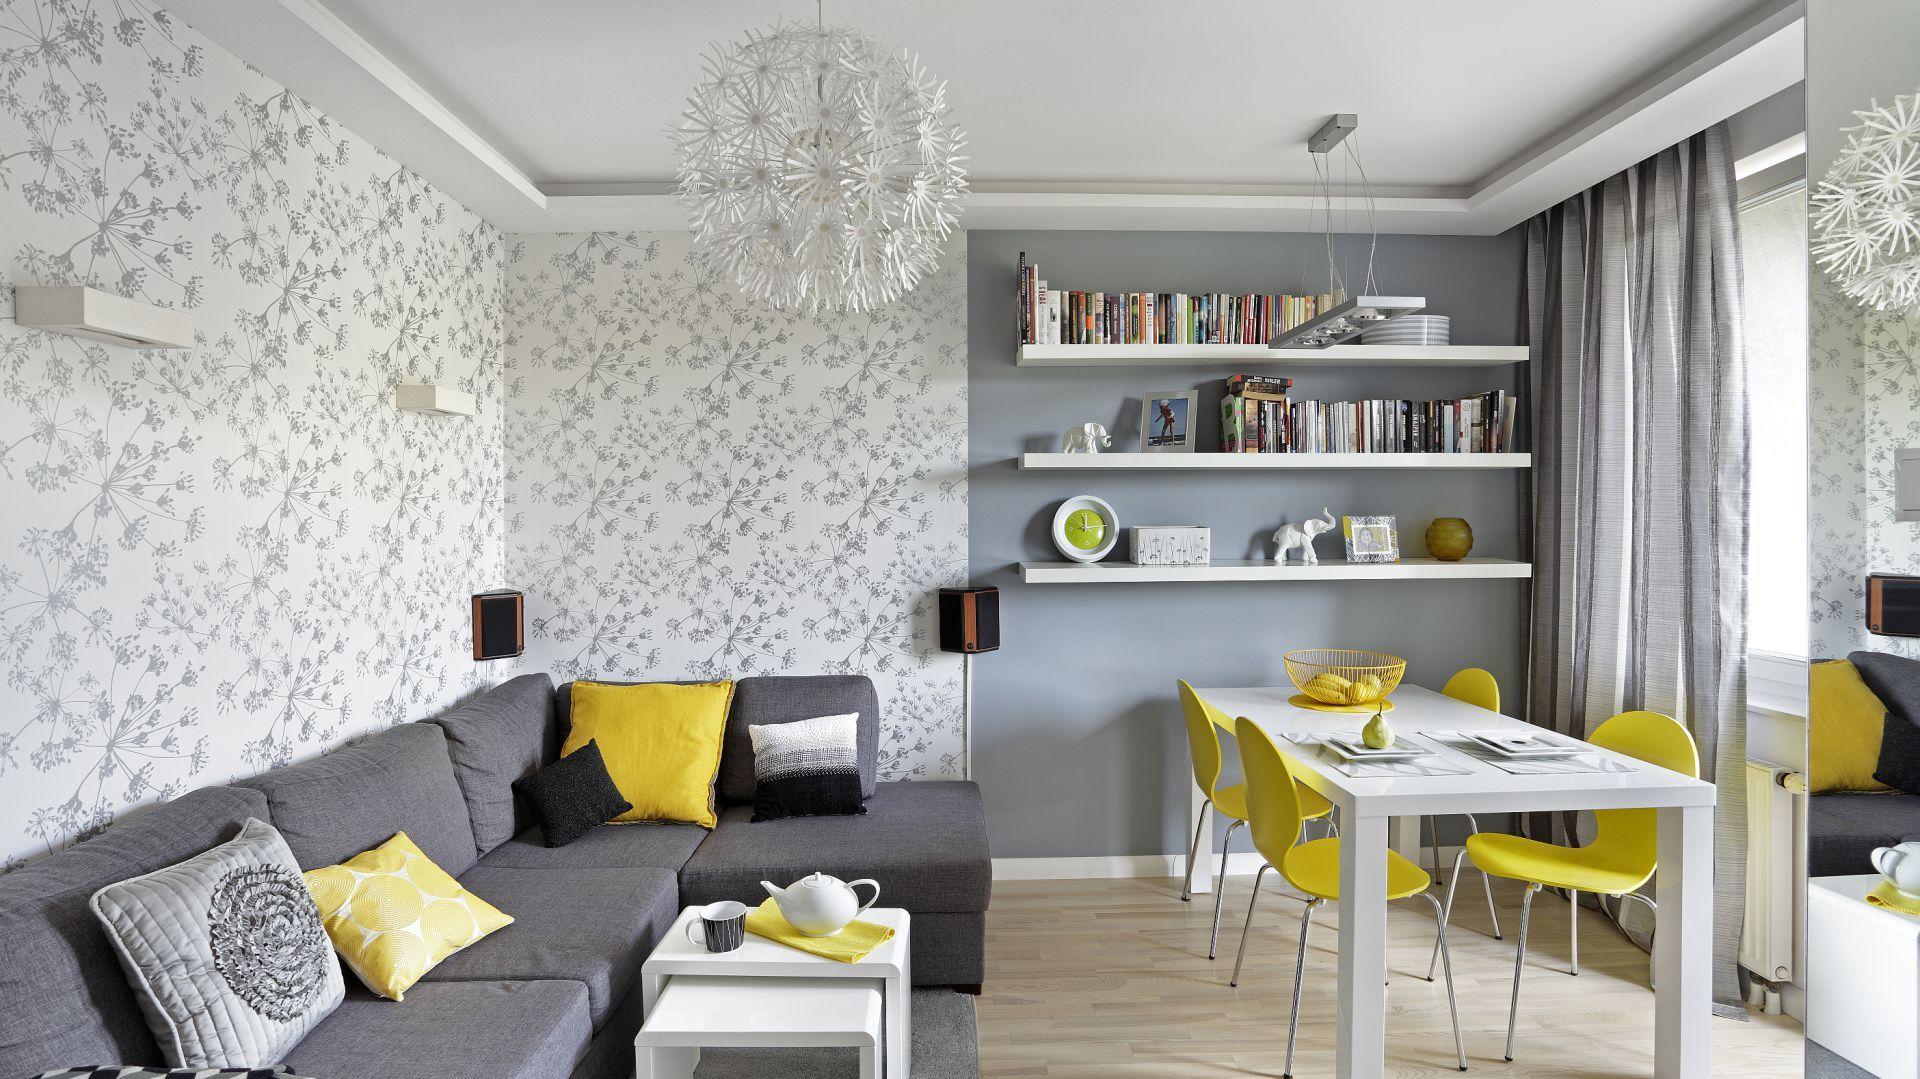 Żółte krzesła w duecie z białym stołem tworzą bardzo fajne zestawienie, które idealnie pasuje do strefy wypoczynkowej. Projekt: Ewa Para. Fot. Bernard Białorucki